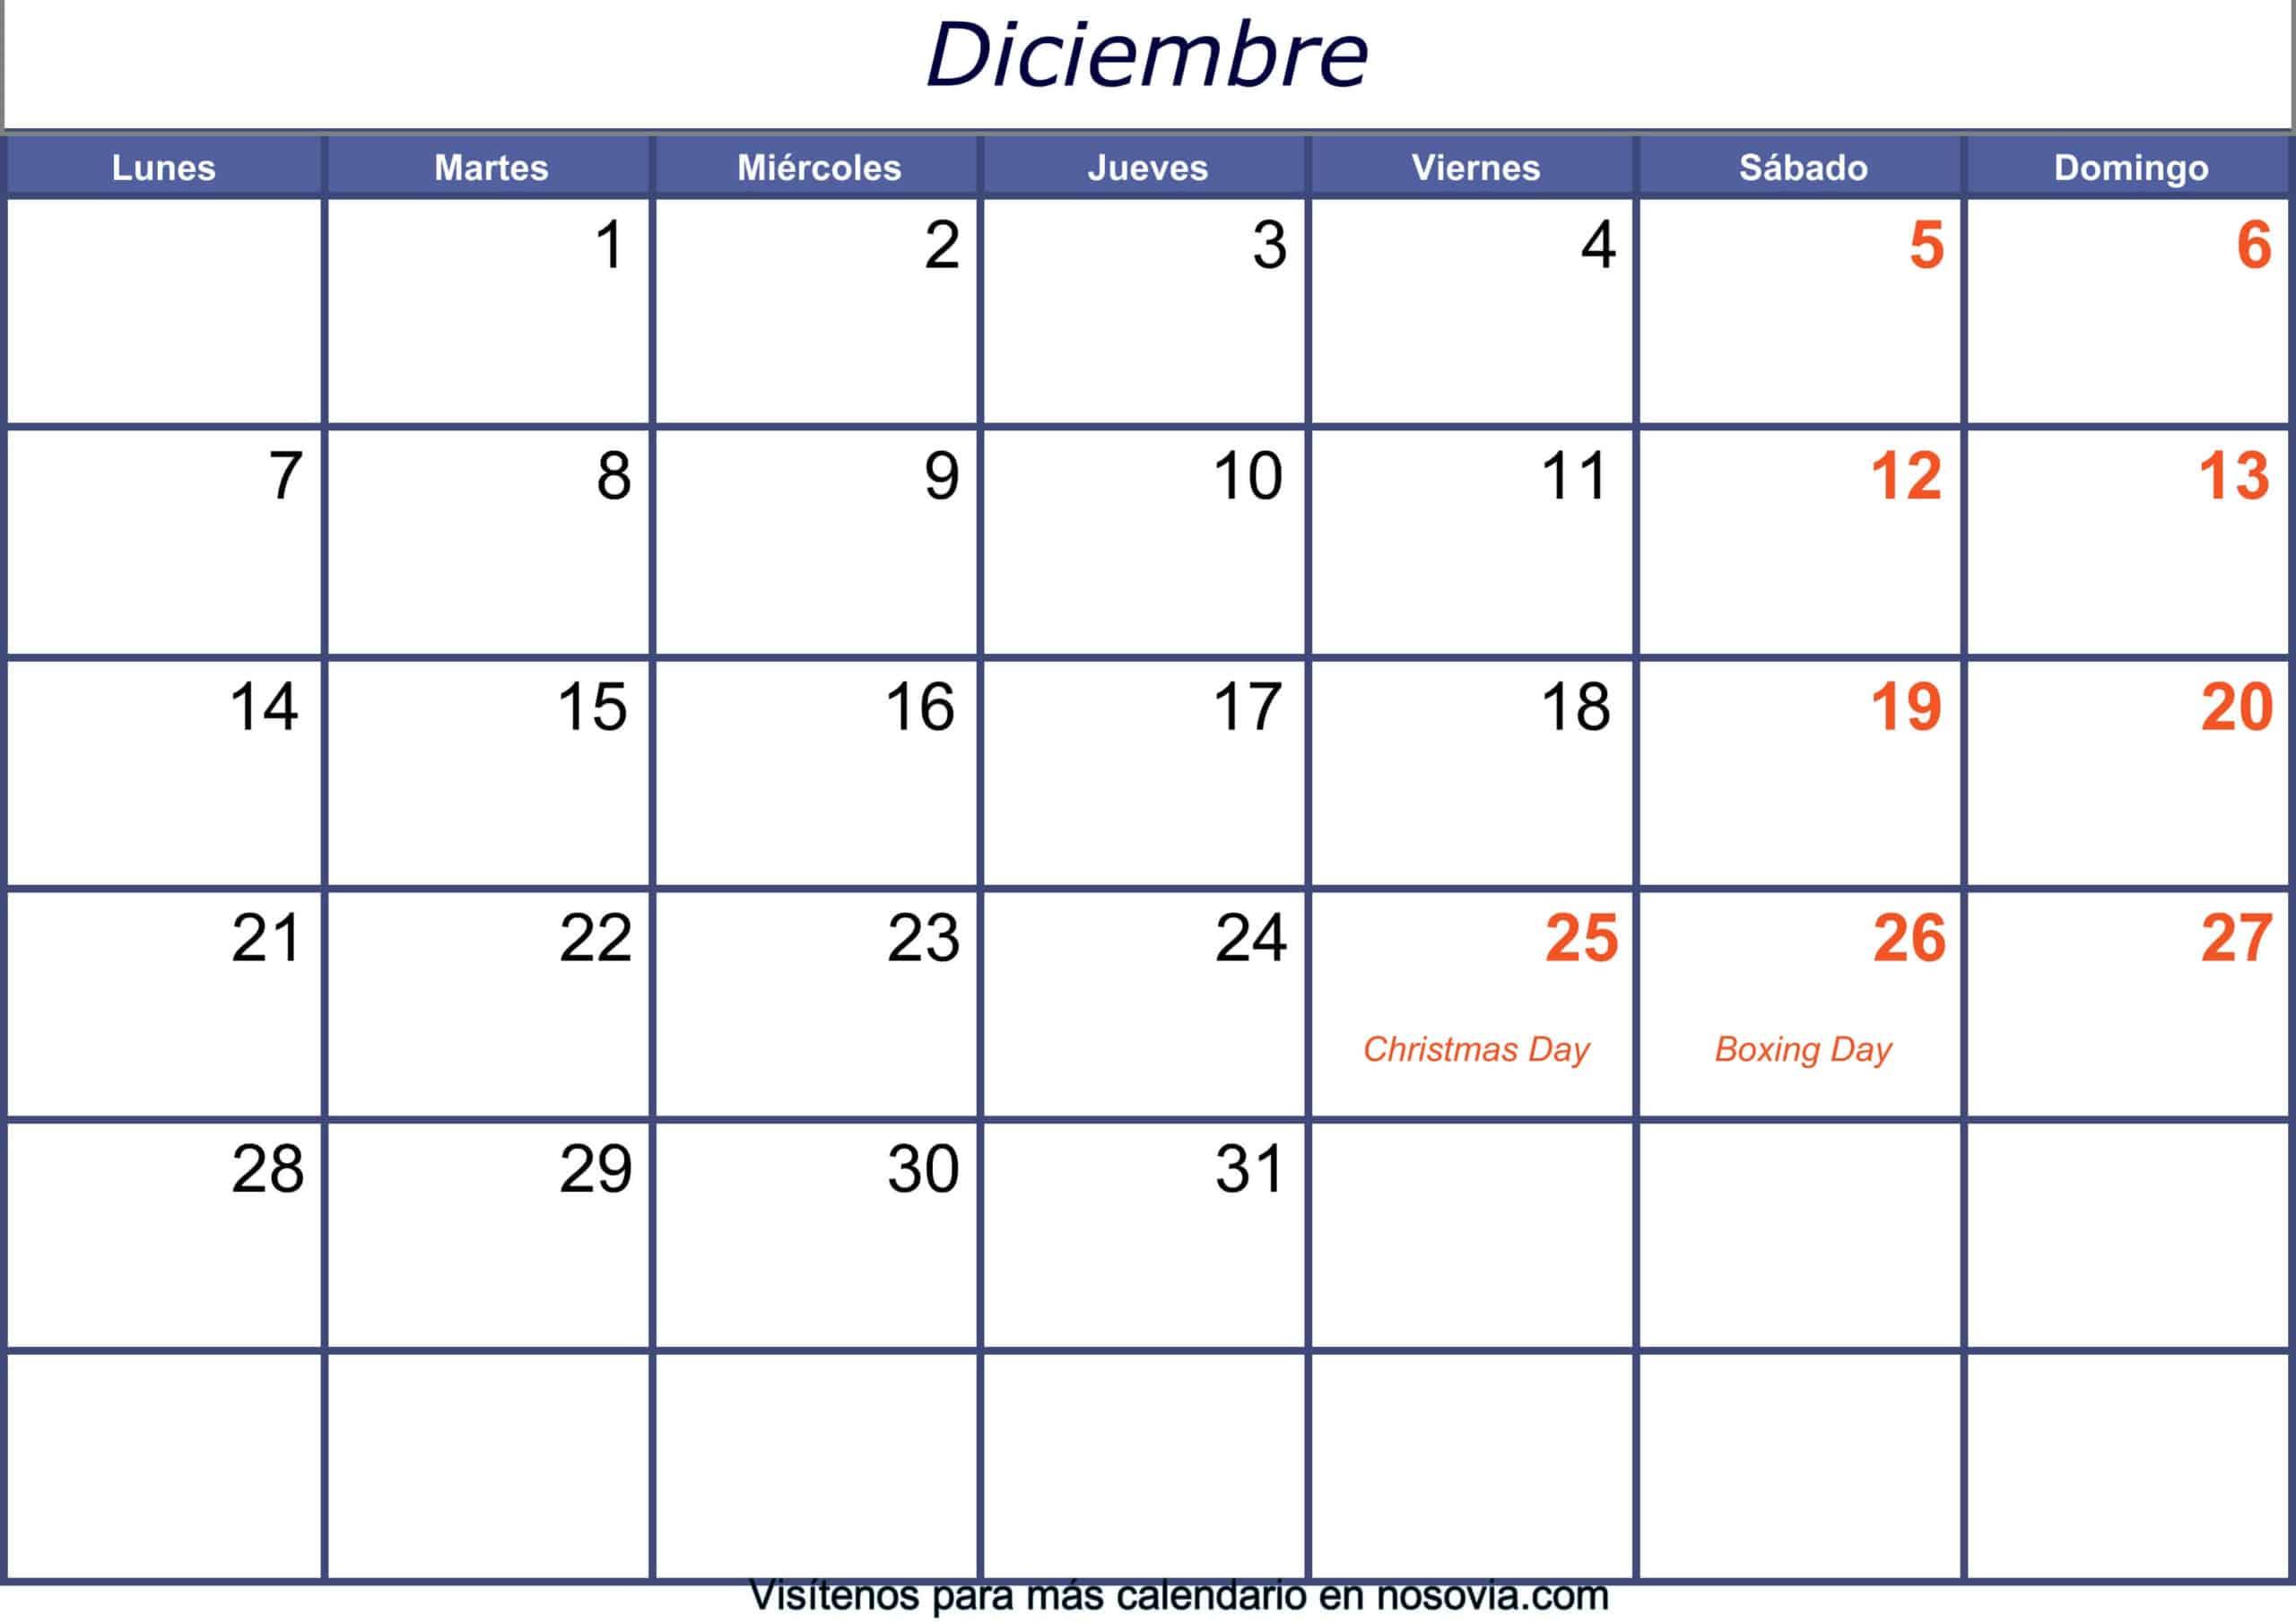 Calendario-diciembre-2020-con-festivos-para-imprimir